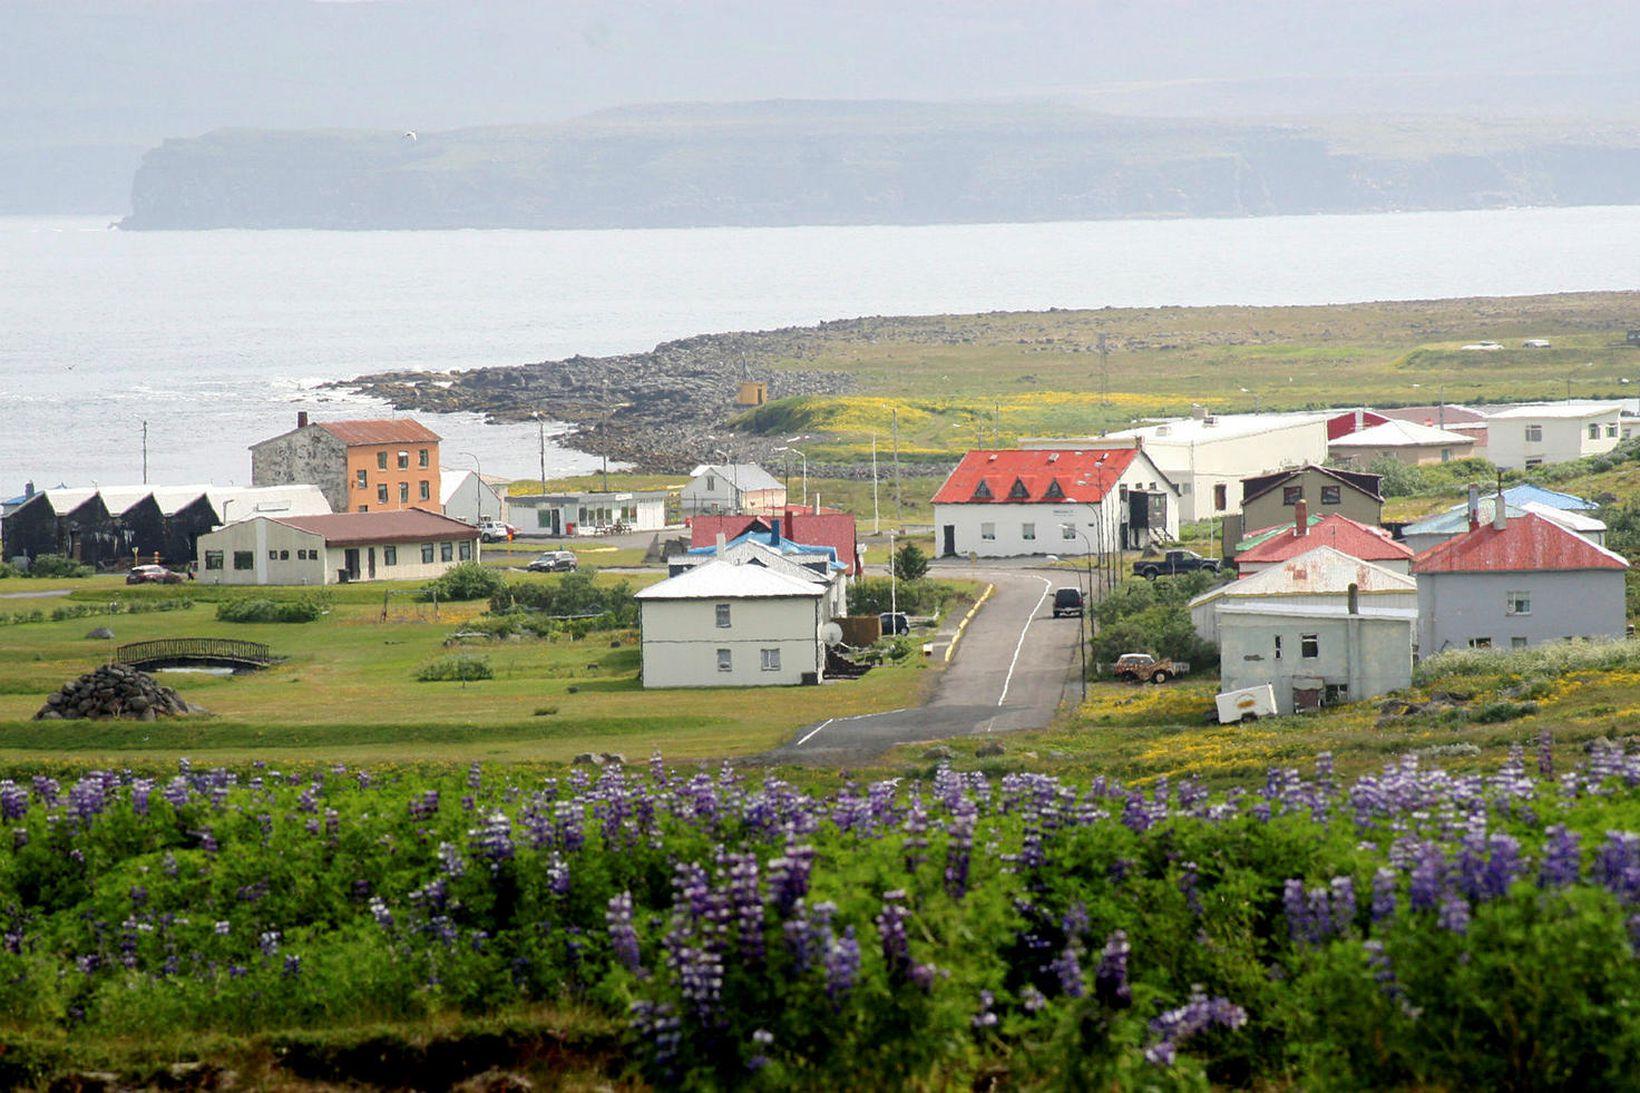 Sóttvarnarlæknir leggst gegn því að umferð til Raufarhafnar verði bönnuð.